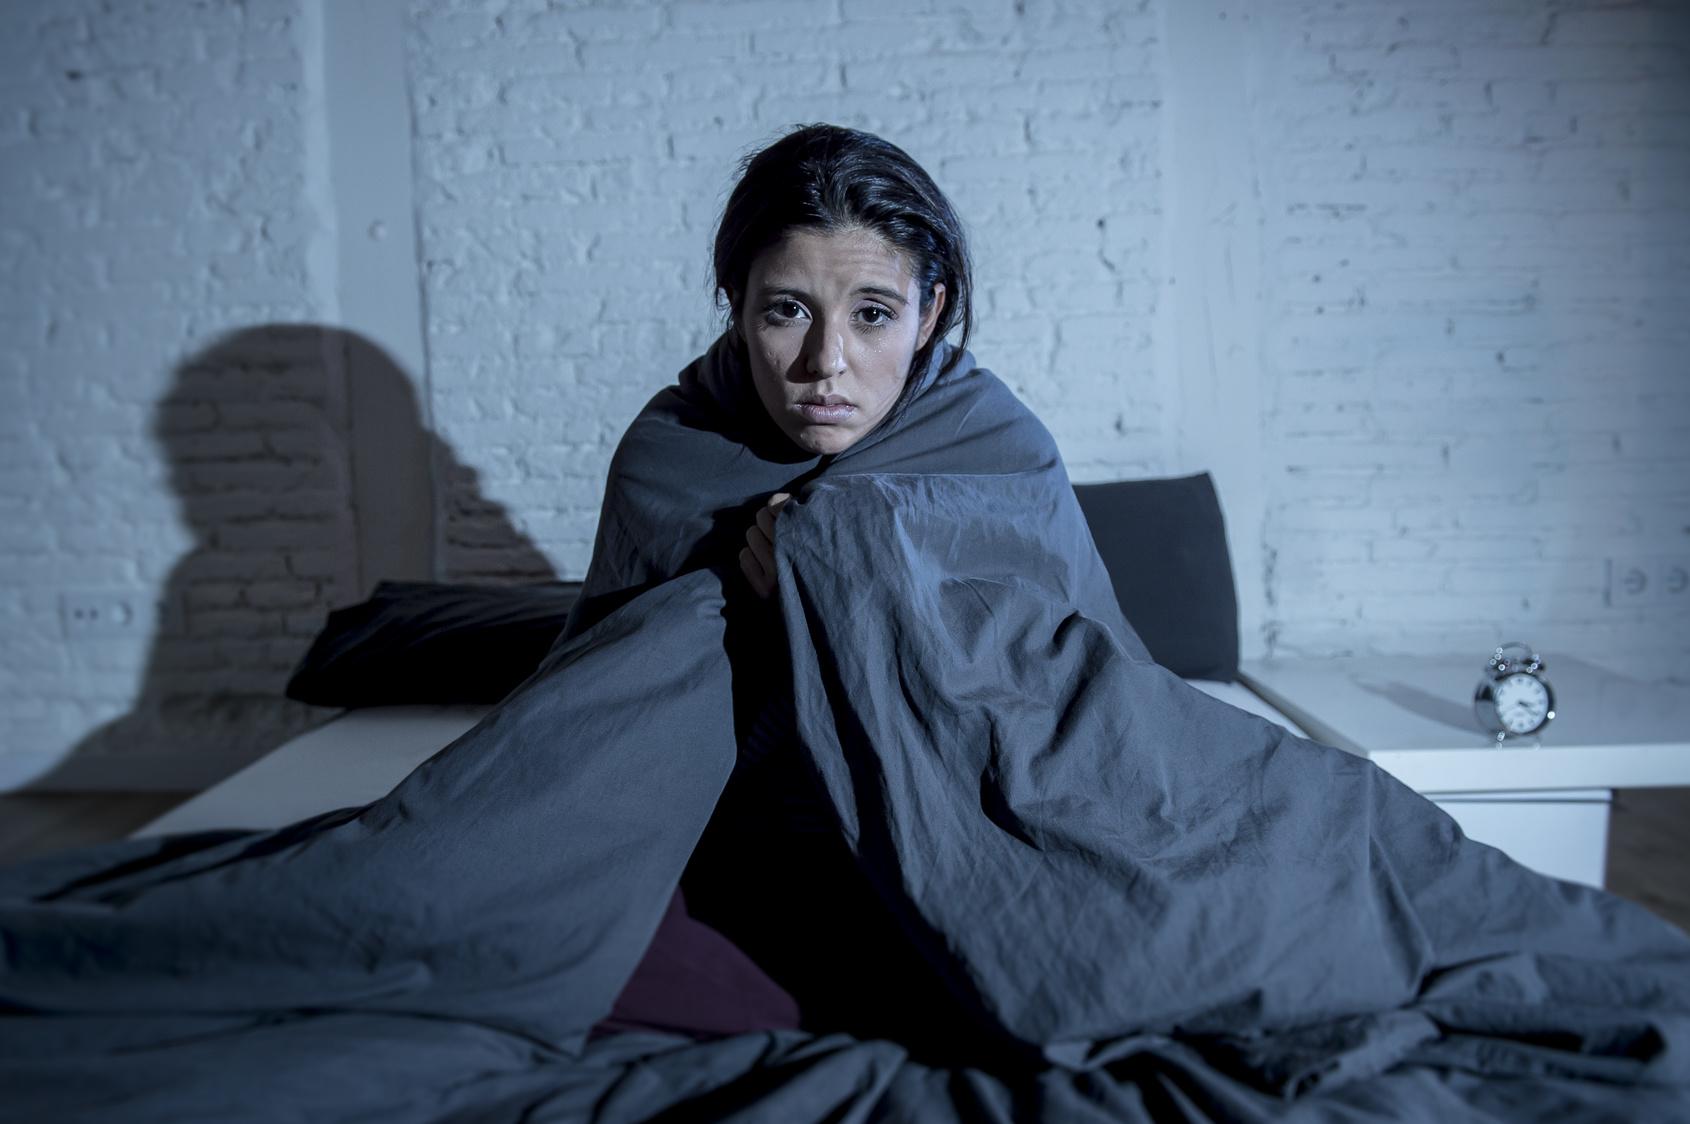 Eine junge Frau sitzt, in Decken eingewickelt, auf dem Bett und macht ein unglückliches Gesicht. (Winterdepression)